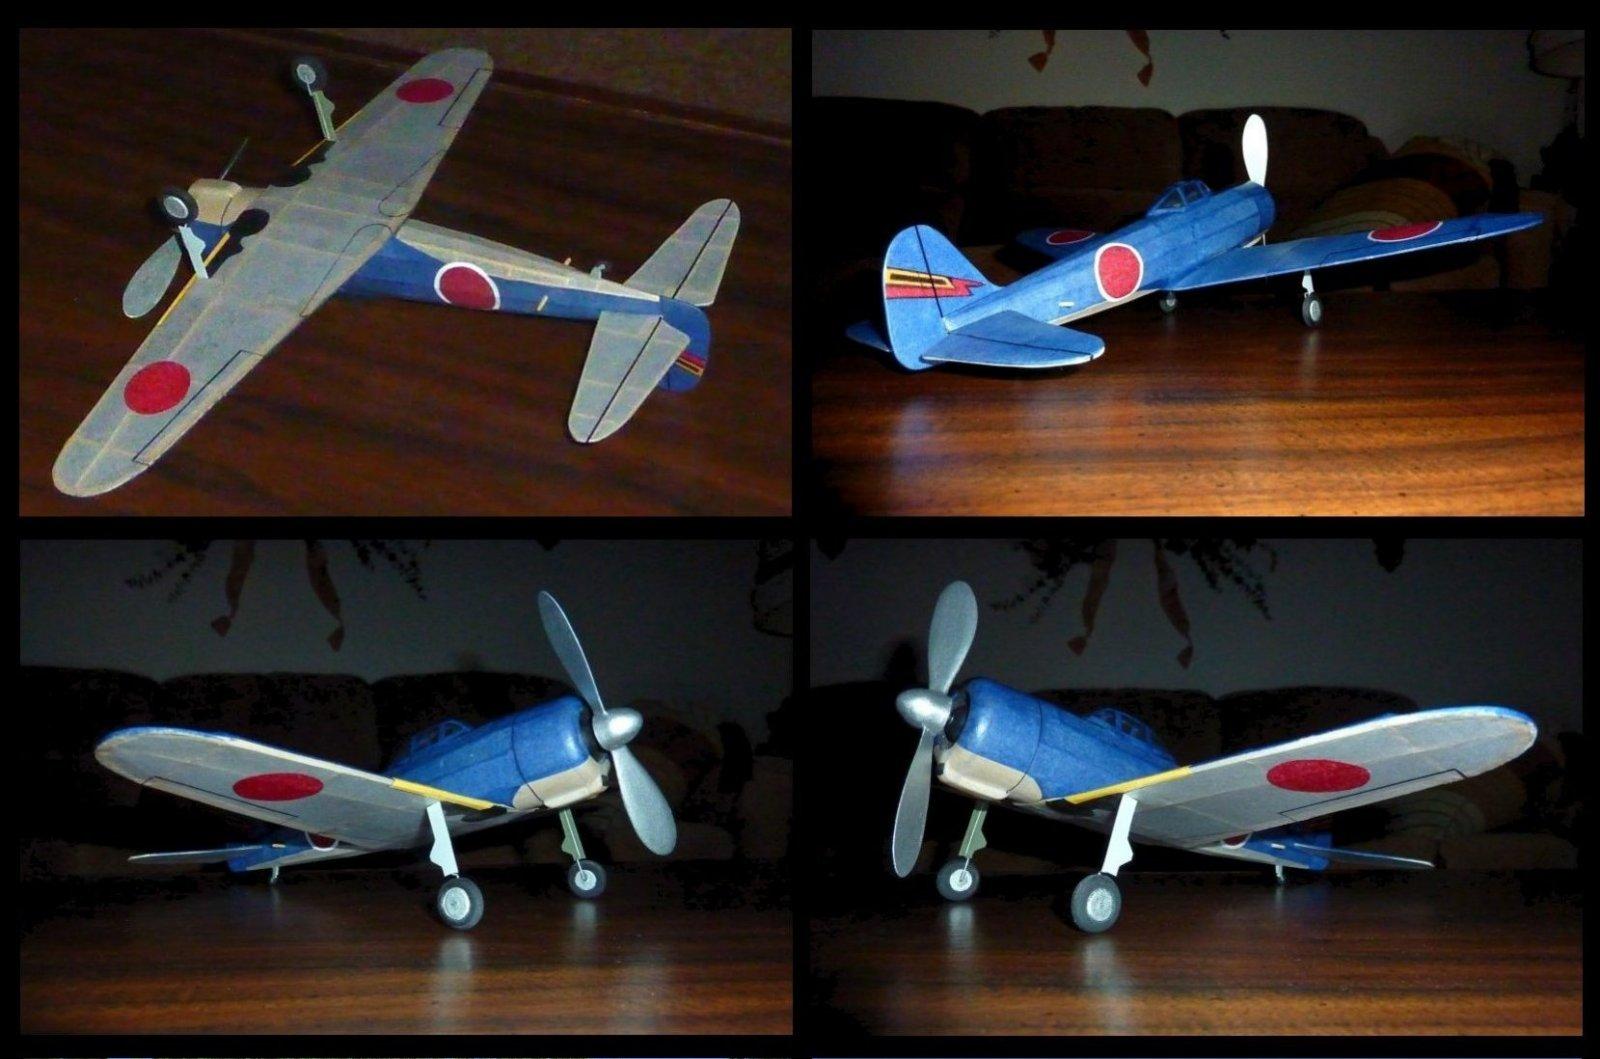 Nakajima_Ki-43_Hayabusa_OSCAR_12.jpg